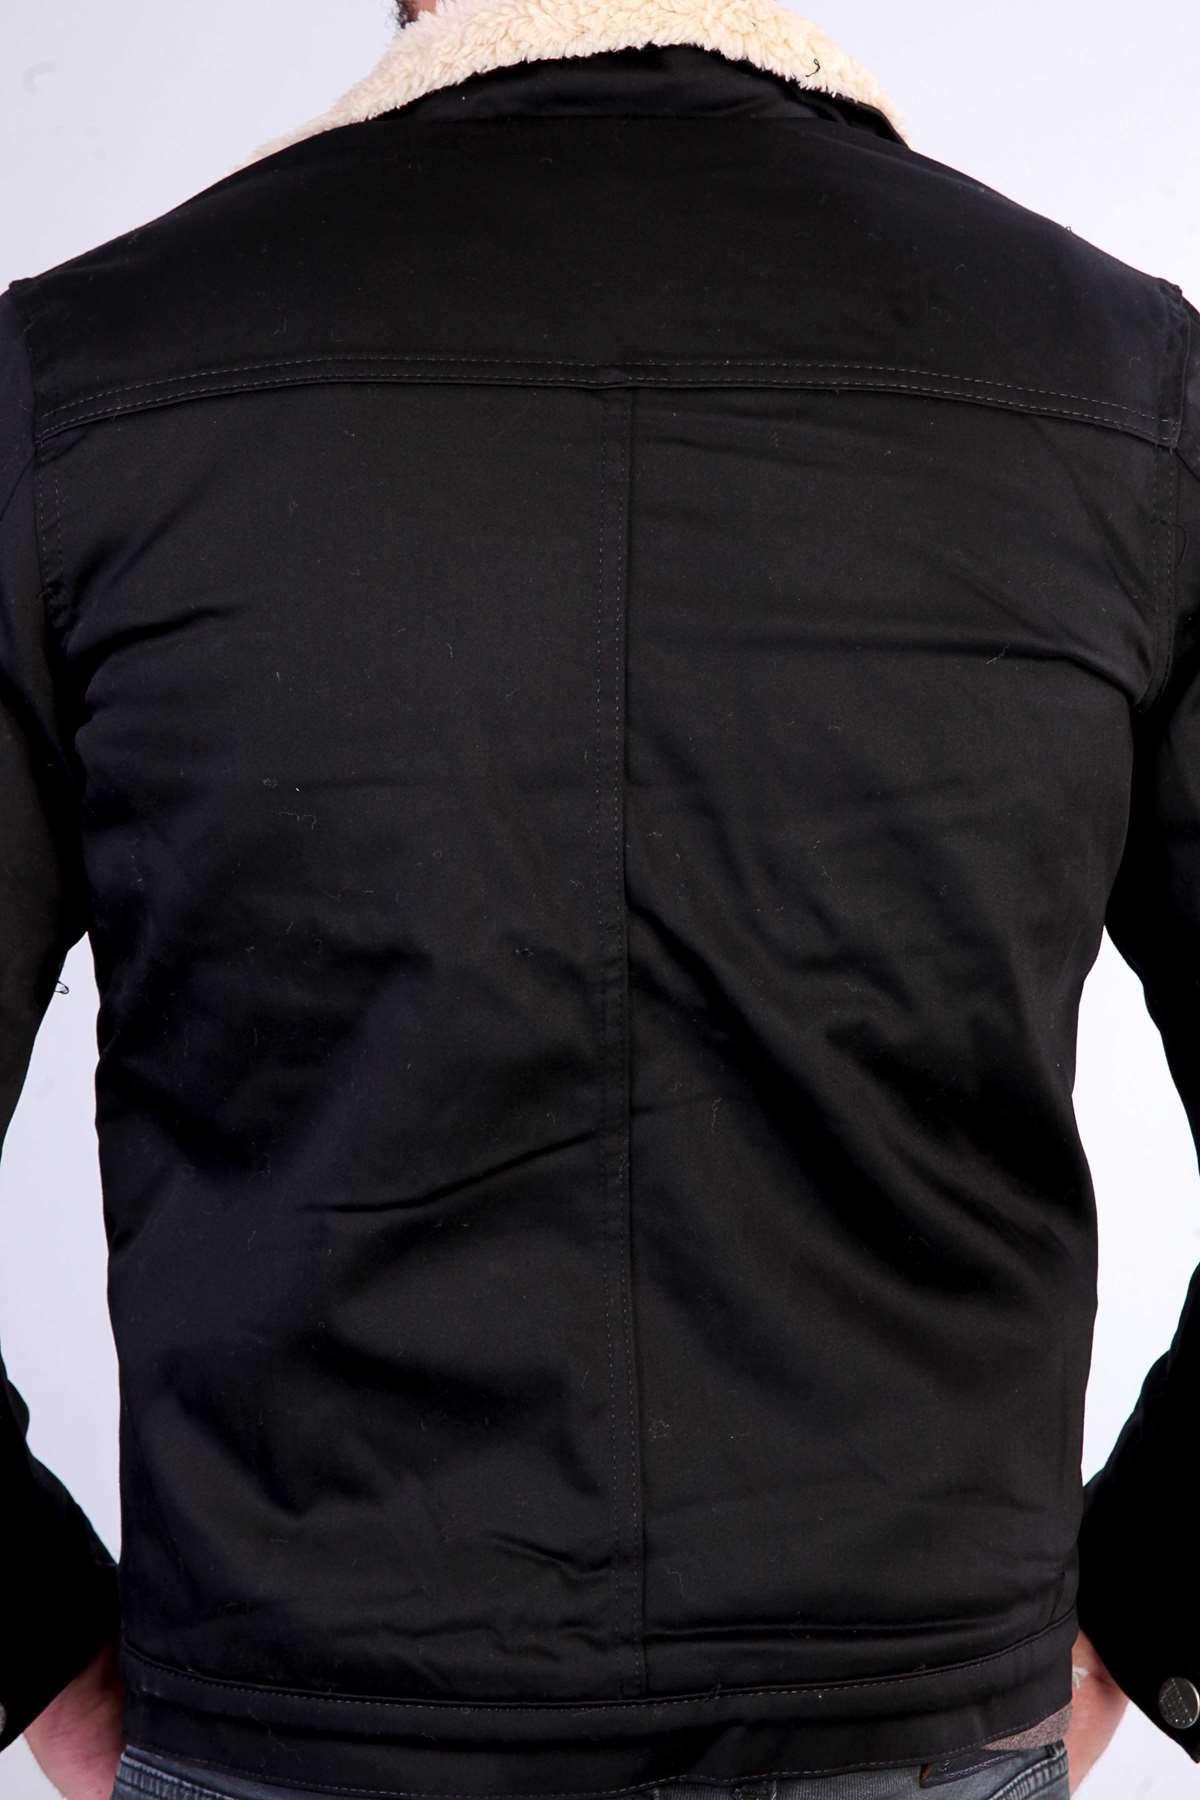 İçi Ve Yaka Kürklü Cep Düğmeli Mont Siyah